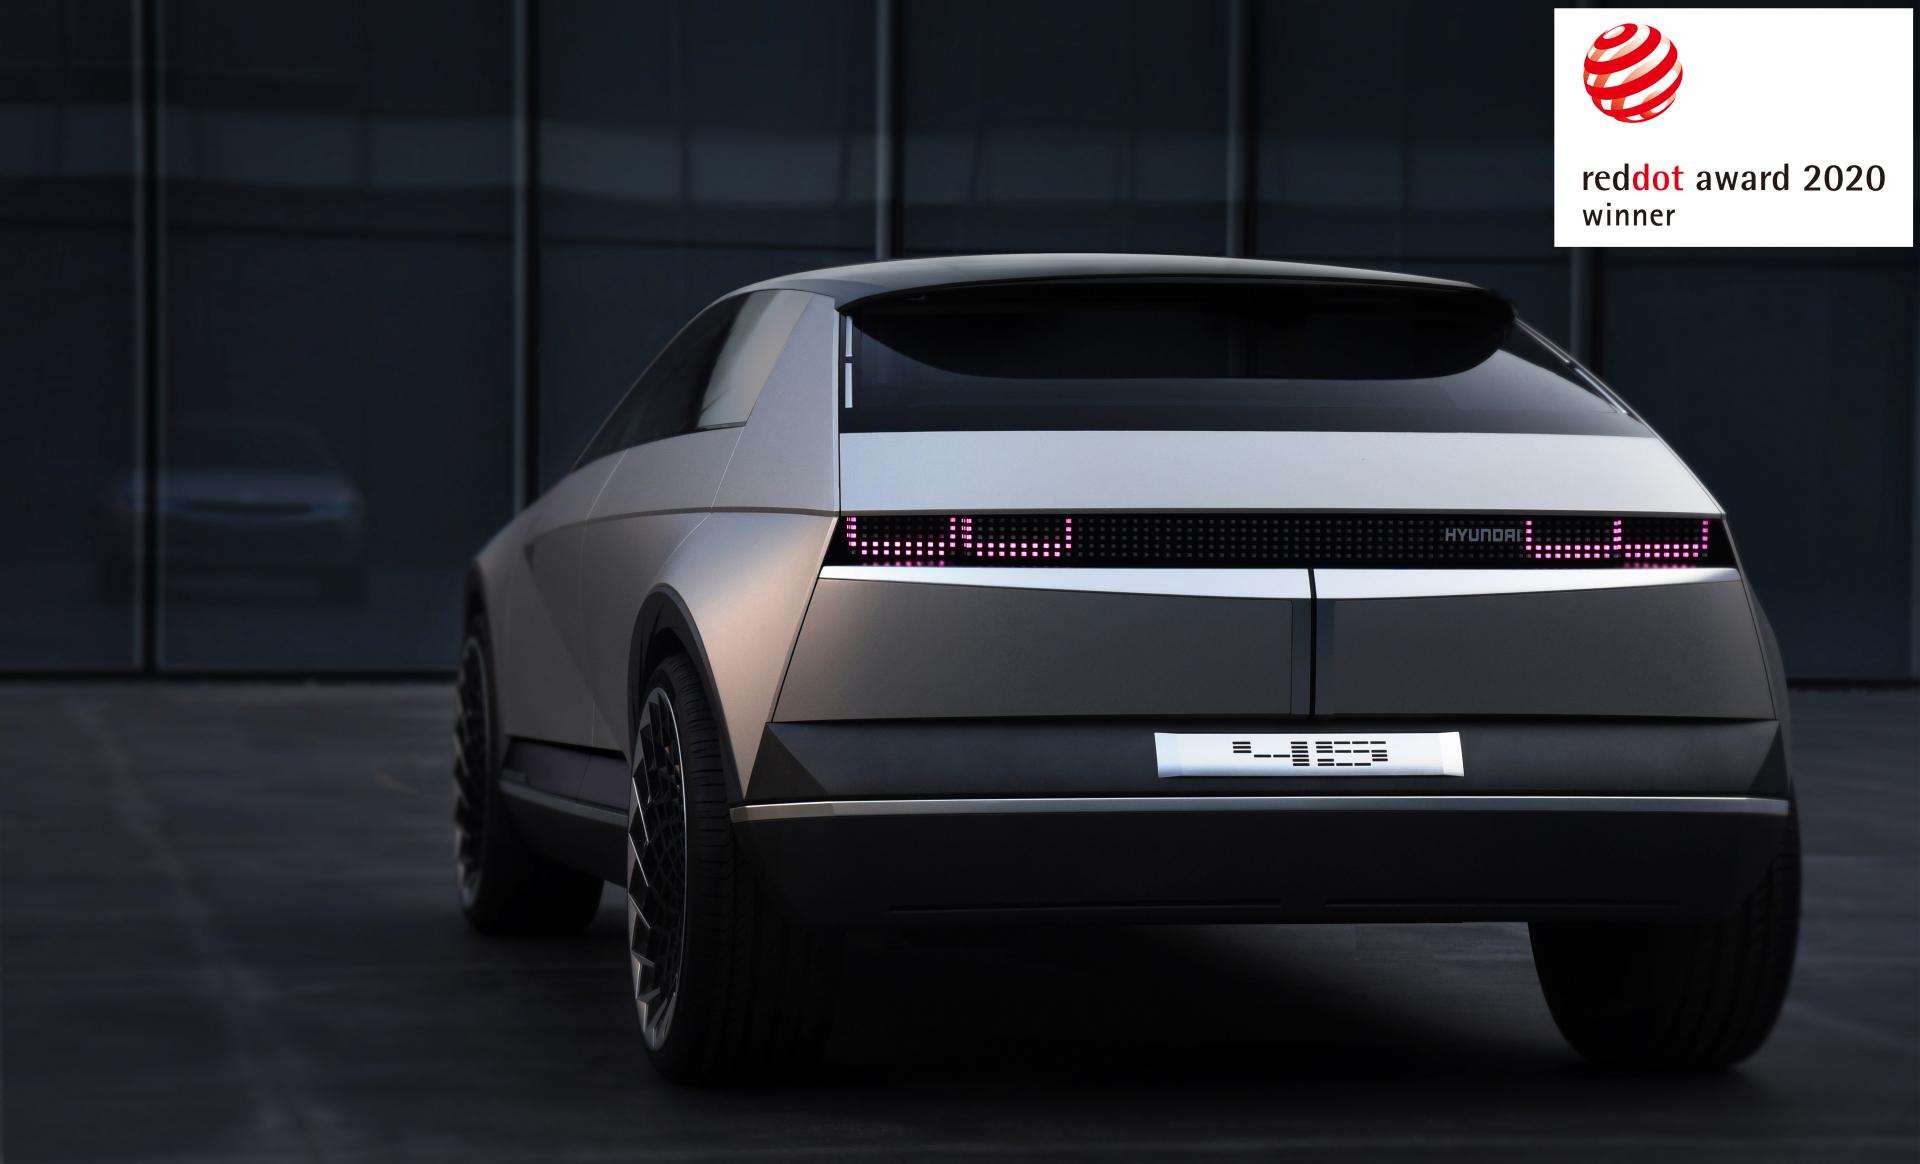 Компанія Hyundai Motor отримала три нагороди Red Dot Award 2020 за концептуальний дизайн | Едем-Авто - фото 10